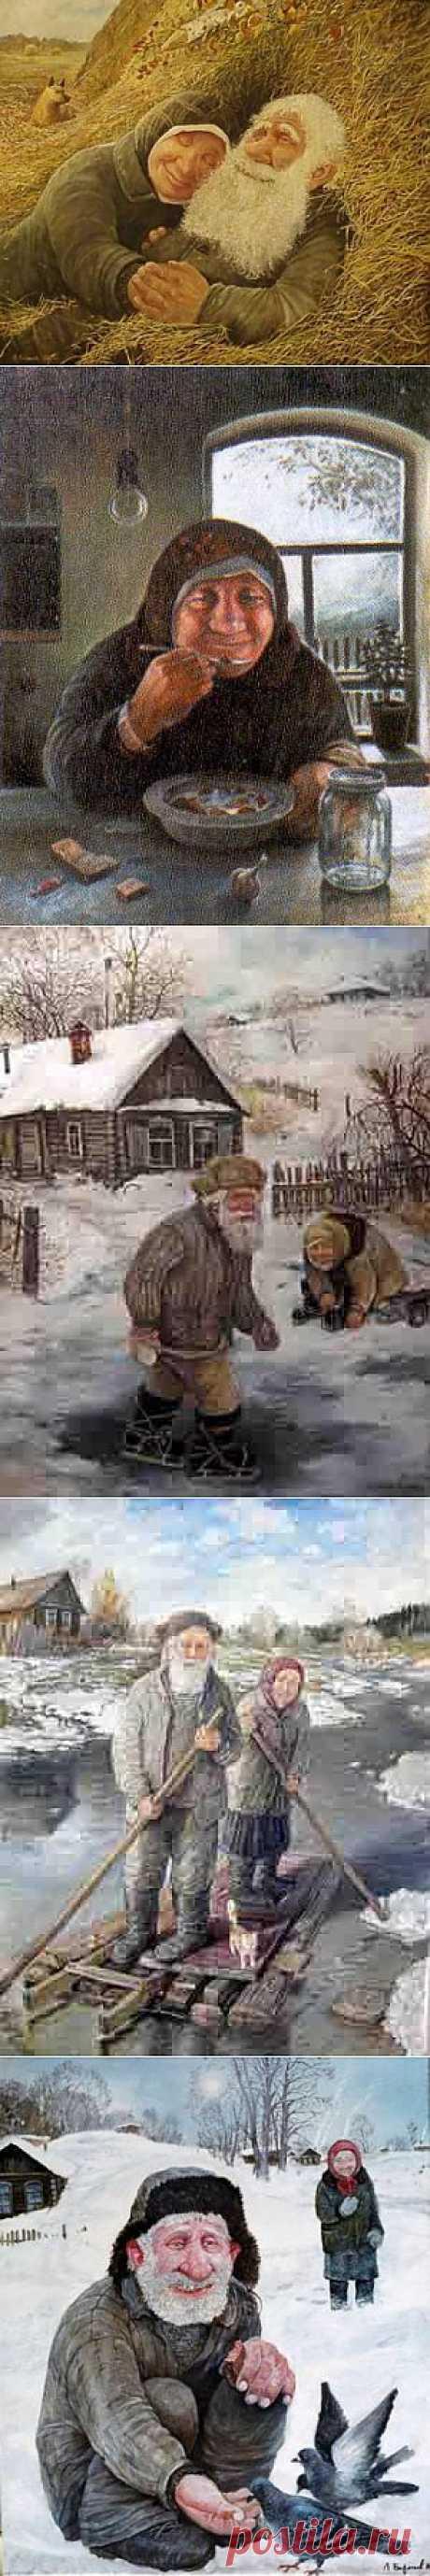 Дед да баба художника Леонида Баранова - Галерея искусств - Для души - Статьи - Школа радости